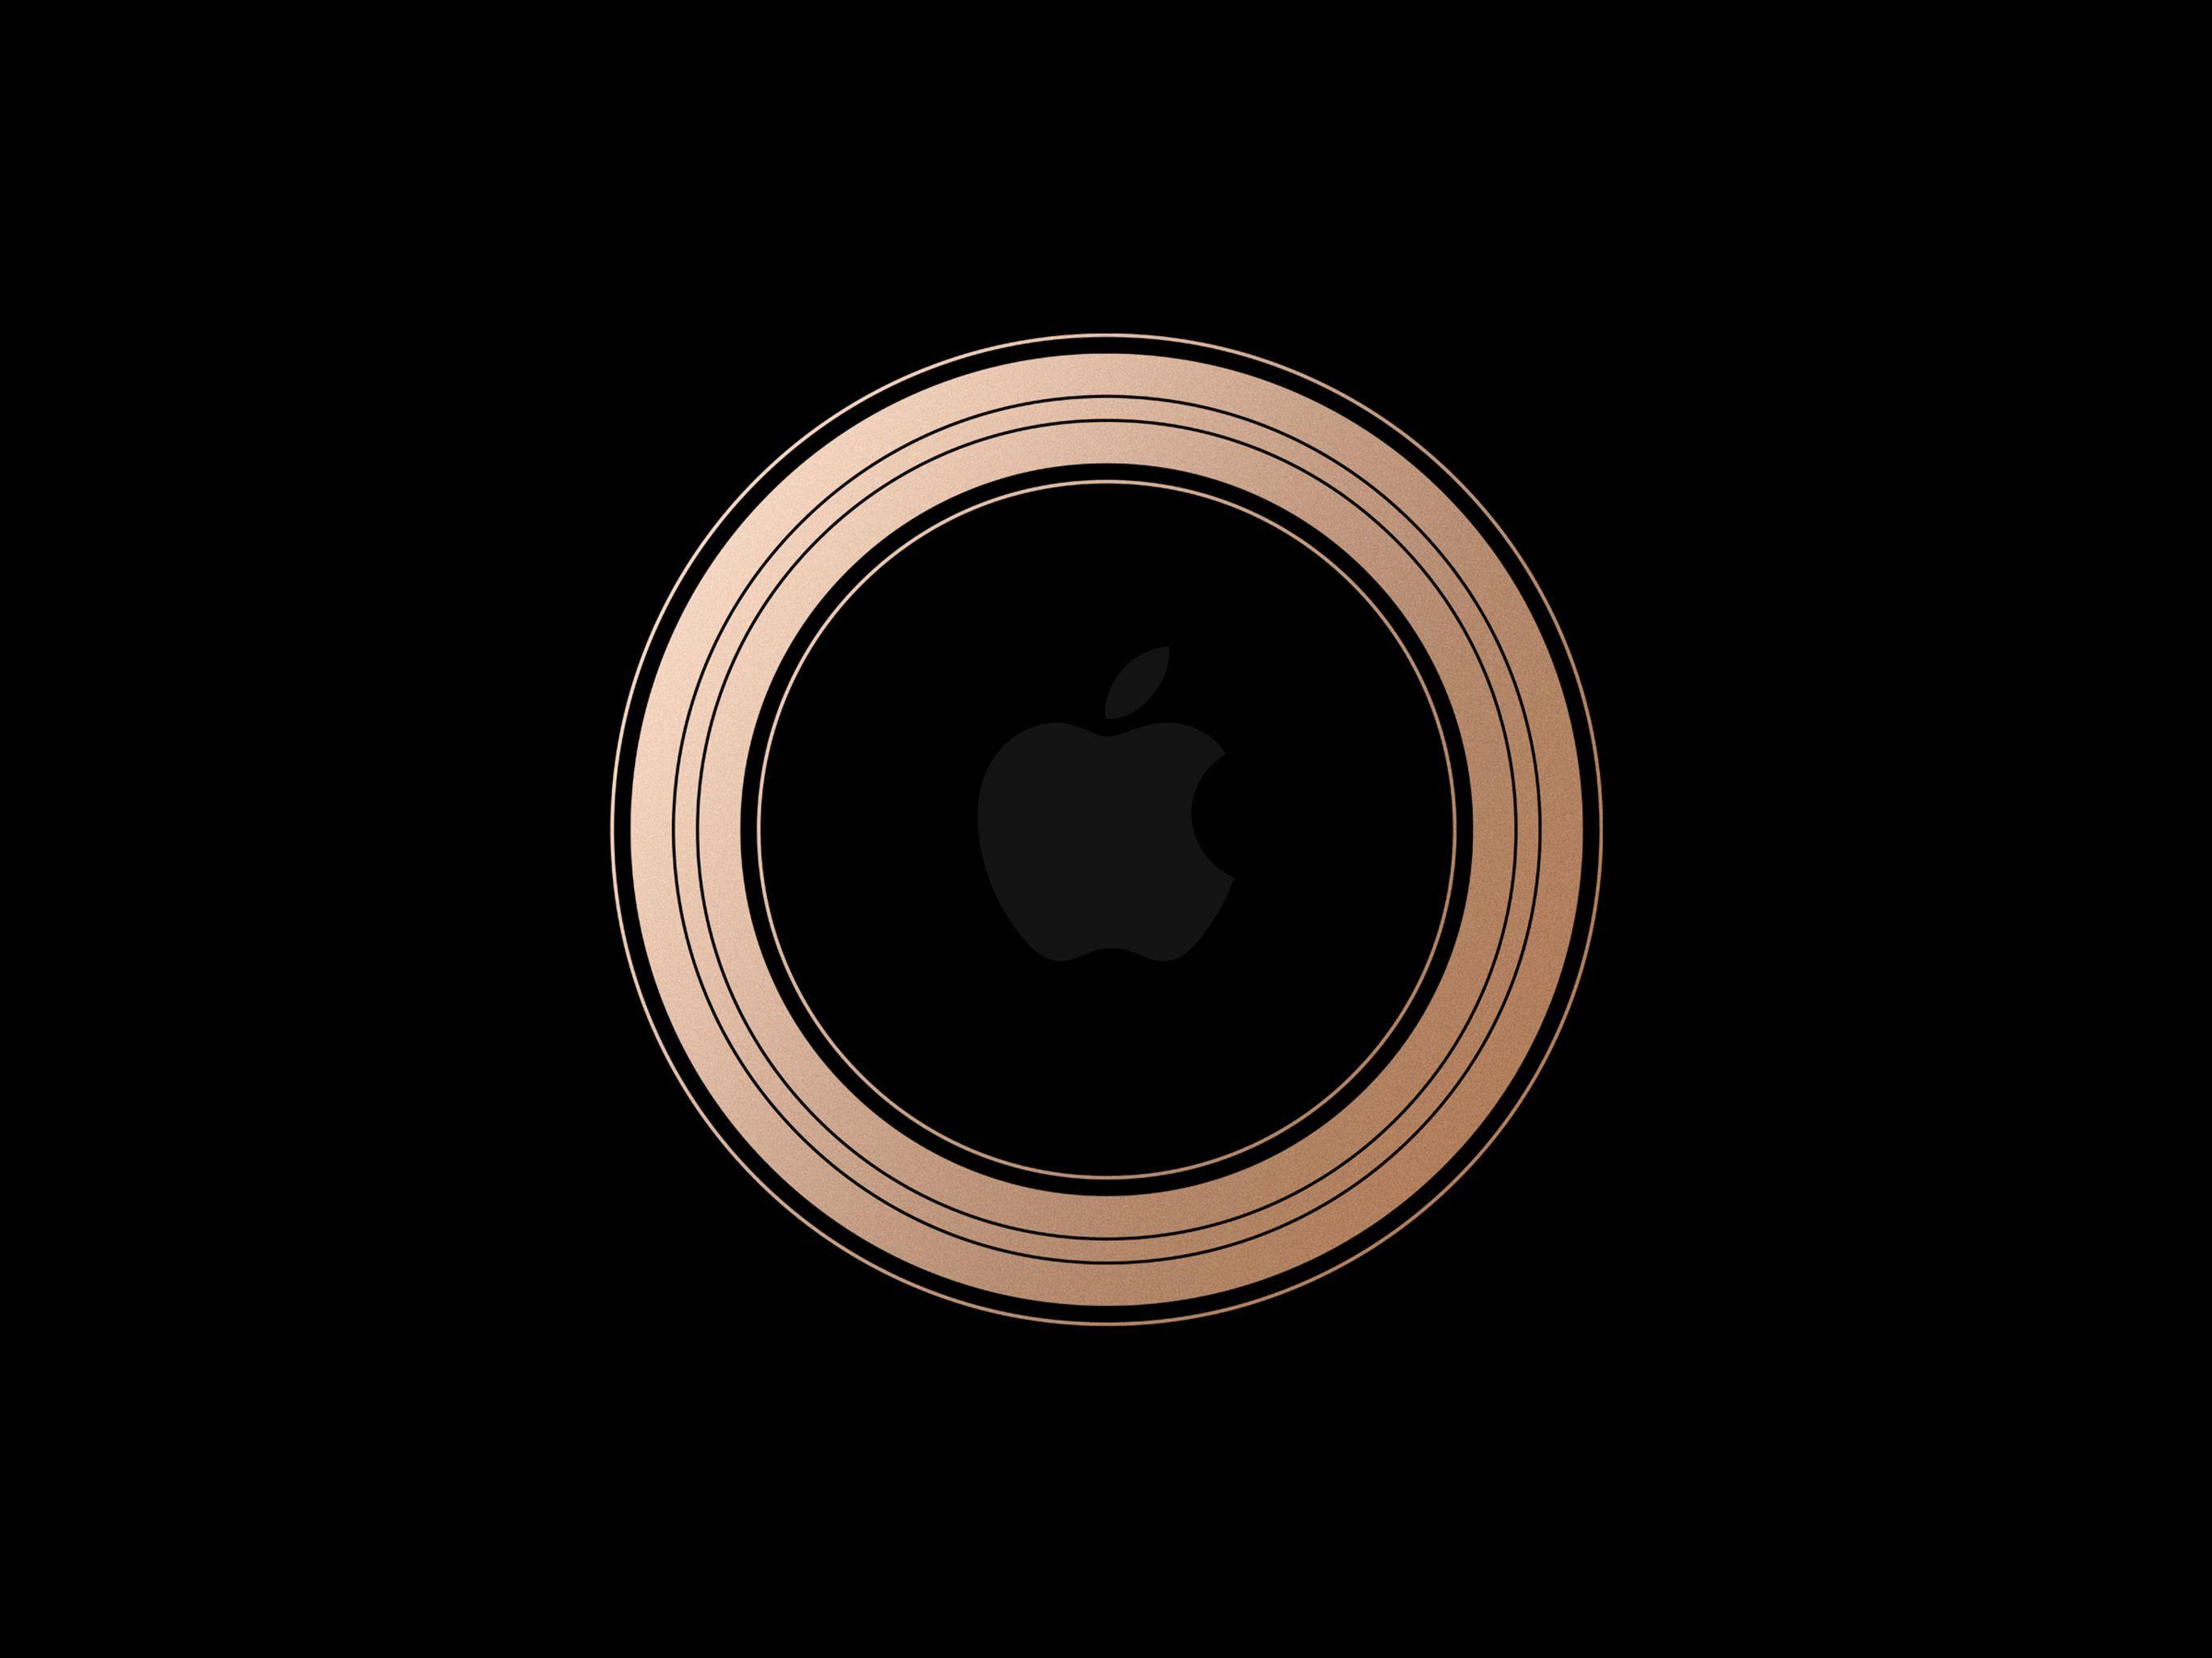 Apple Watch Wallpaper Boho Chic Apple Watch Face Applewatch Applewatchwallpaper Boho Mandala Bohofeath Apple Watch Faces Apple Watch Apple Watch Wallpaper